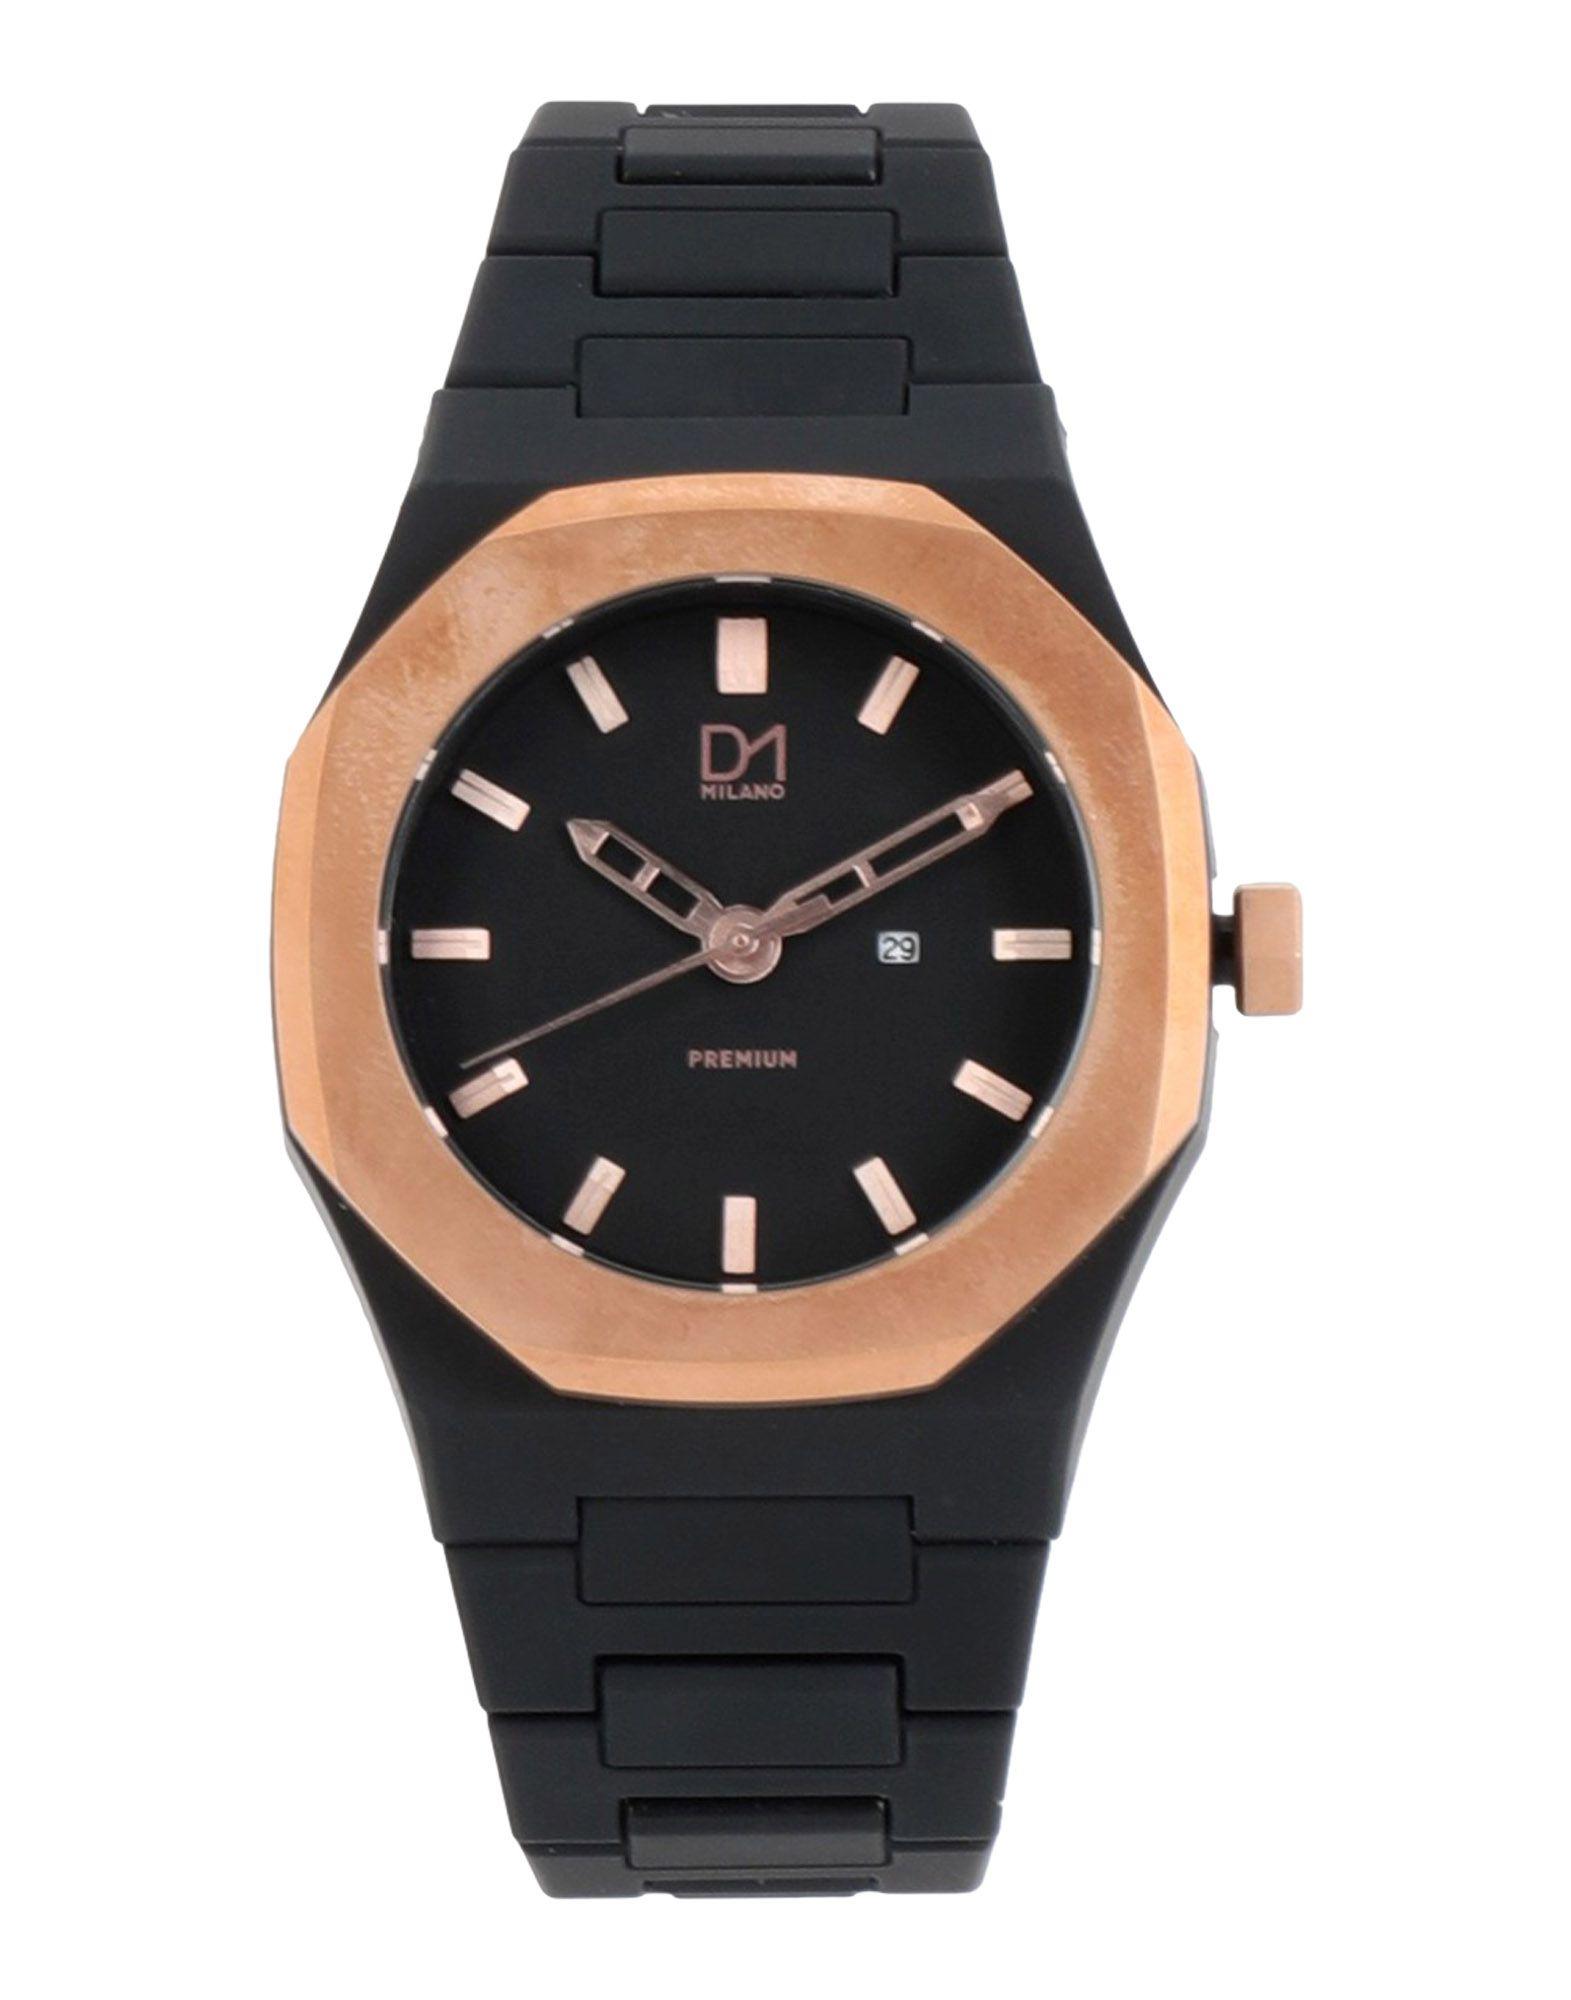 D1 MILANO Наручные часы ограничитель ekf opv d1